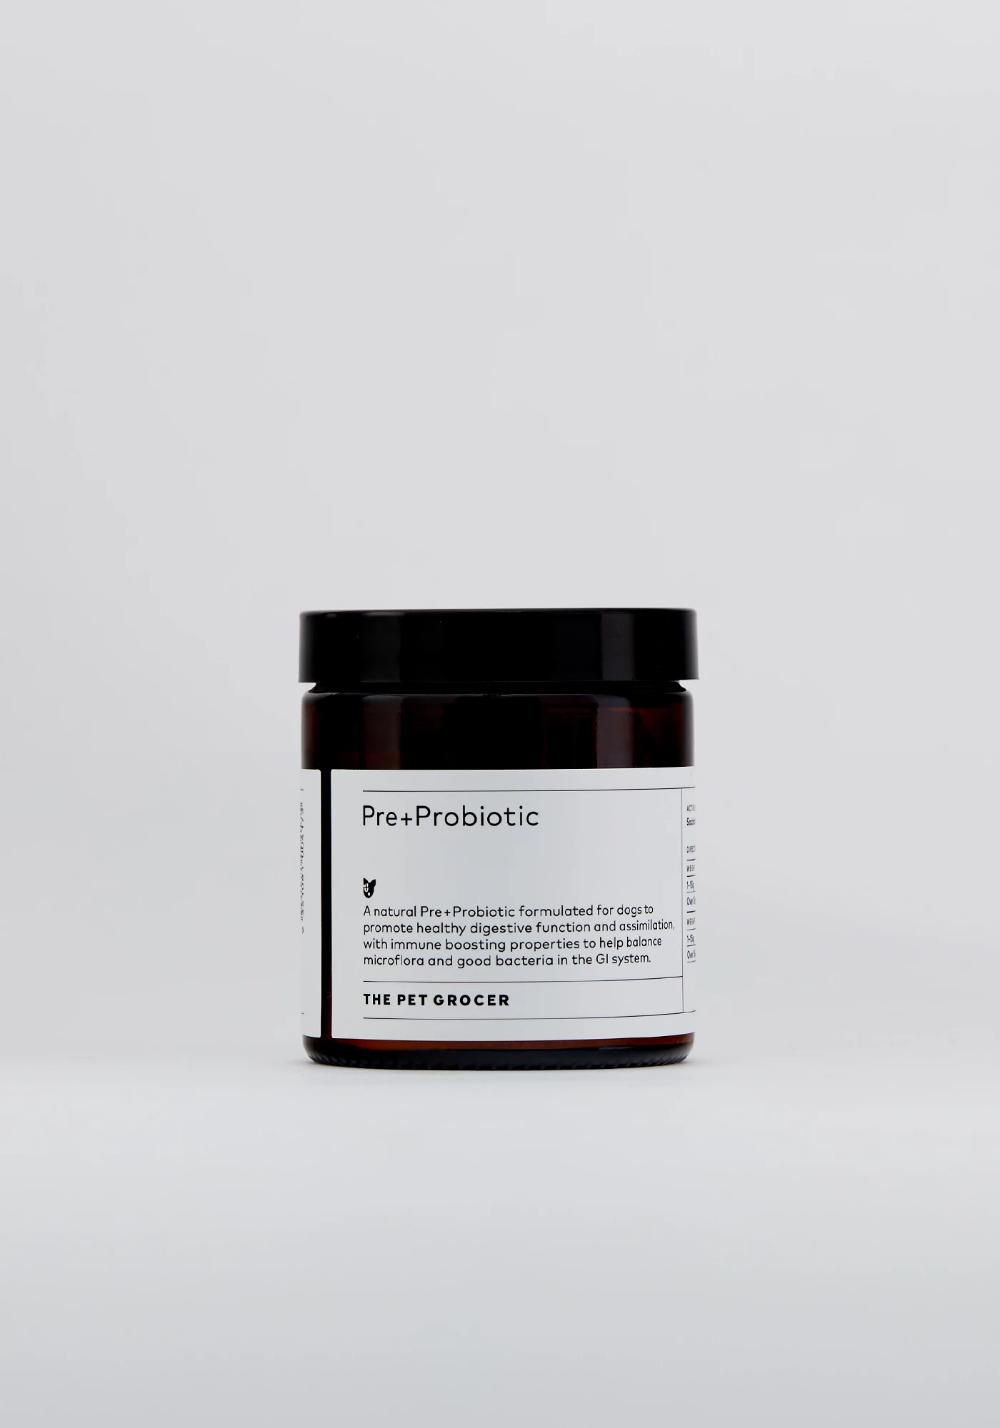 Pre+Probiotic The Pet Grocer Probiotics, Immune